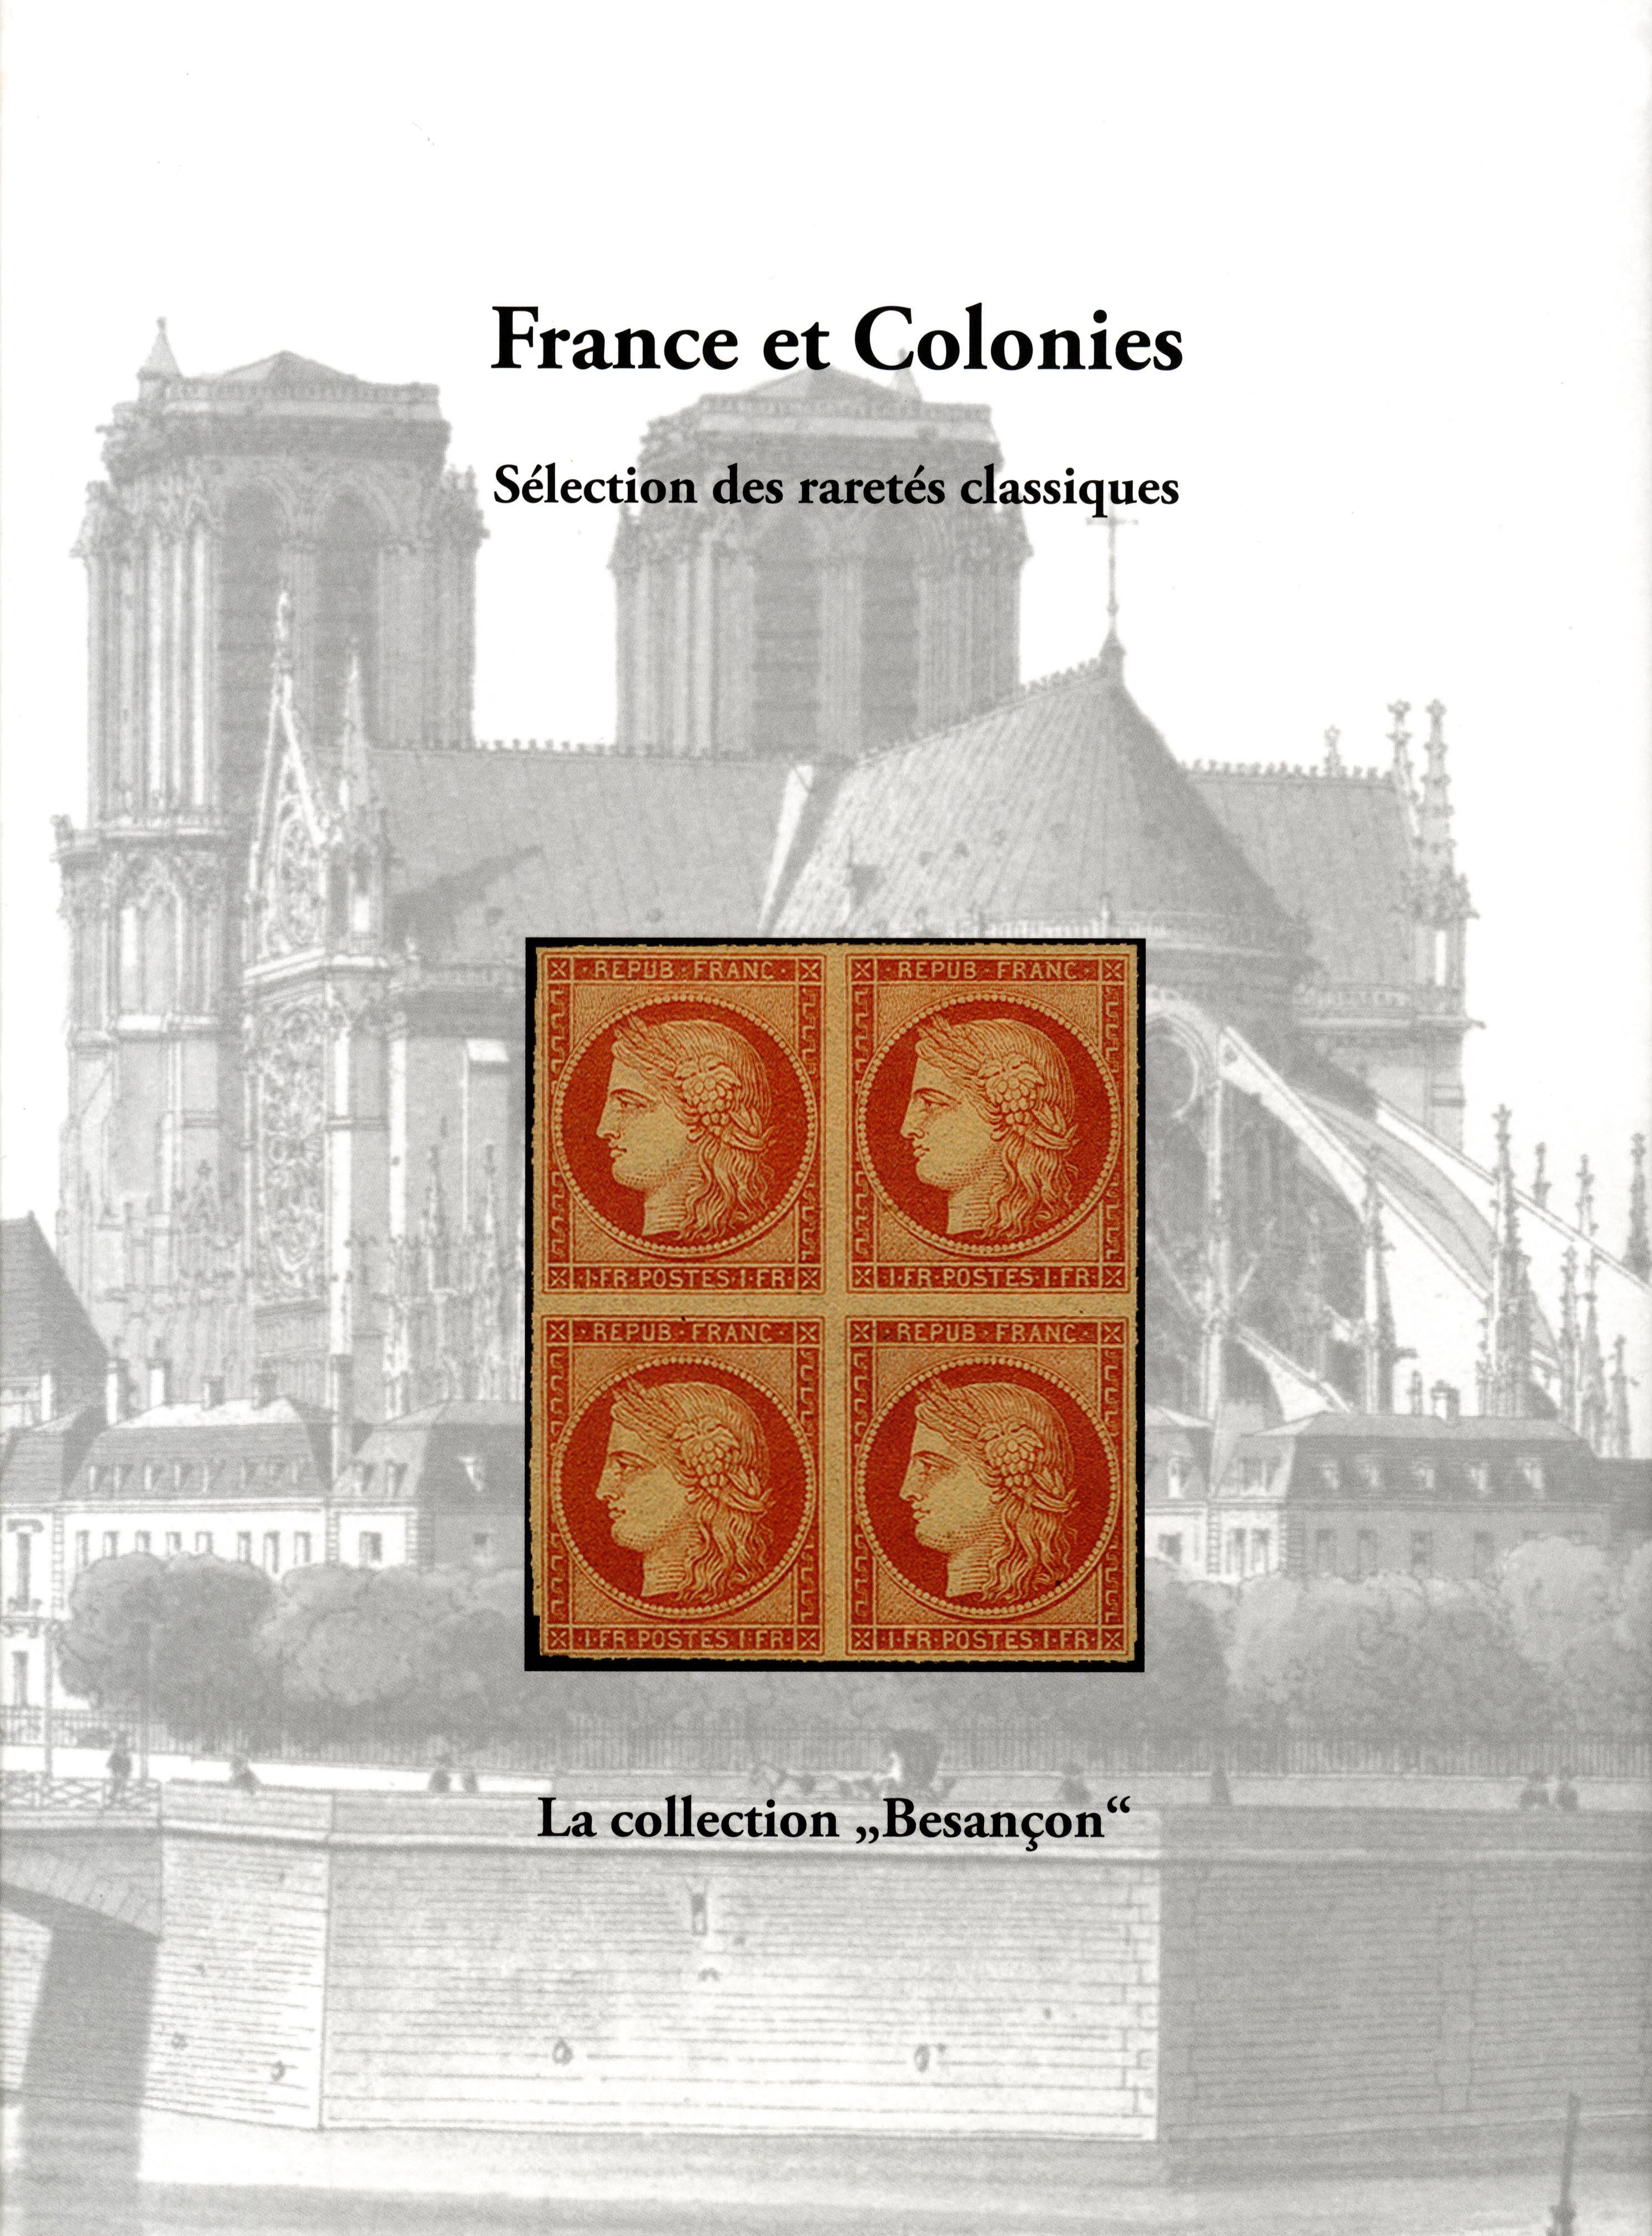 EDITION SPÉCIALE • France et Colonies - Sélection des raretés classiques • La collection 'BesanÇon'